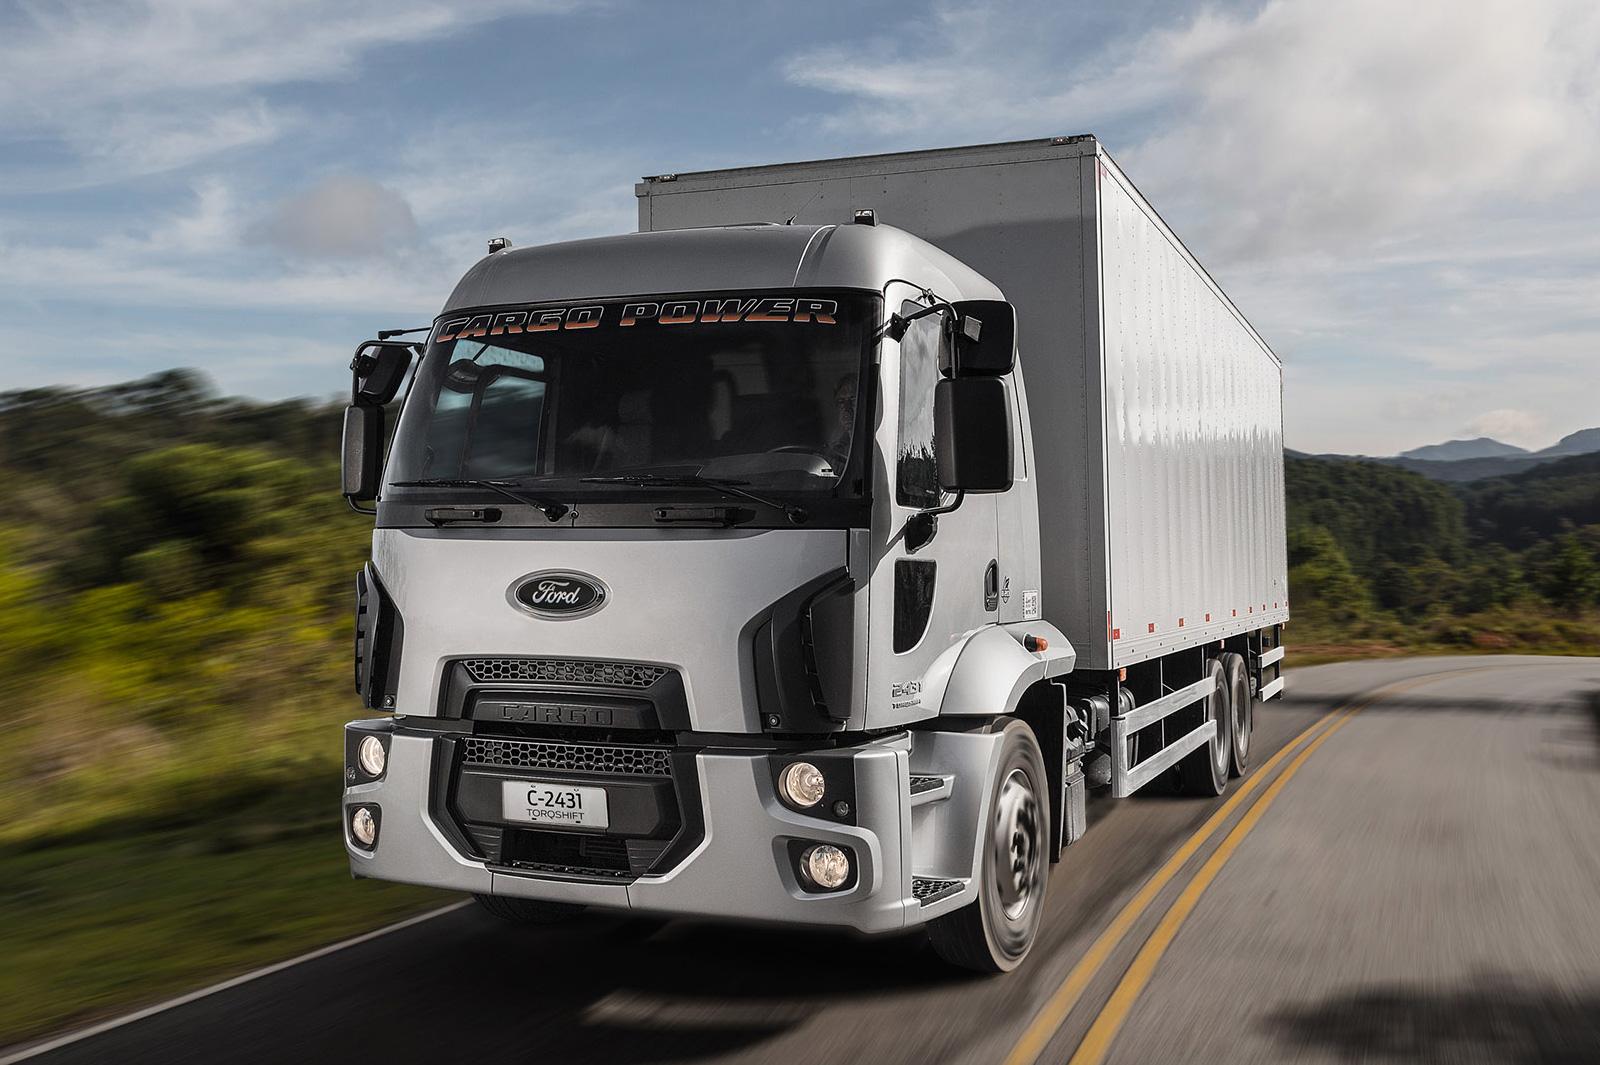 Ford Caminhões apresenta o Cargo Power para brigar nos semipesados